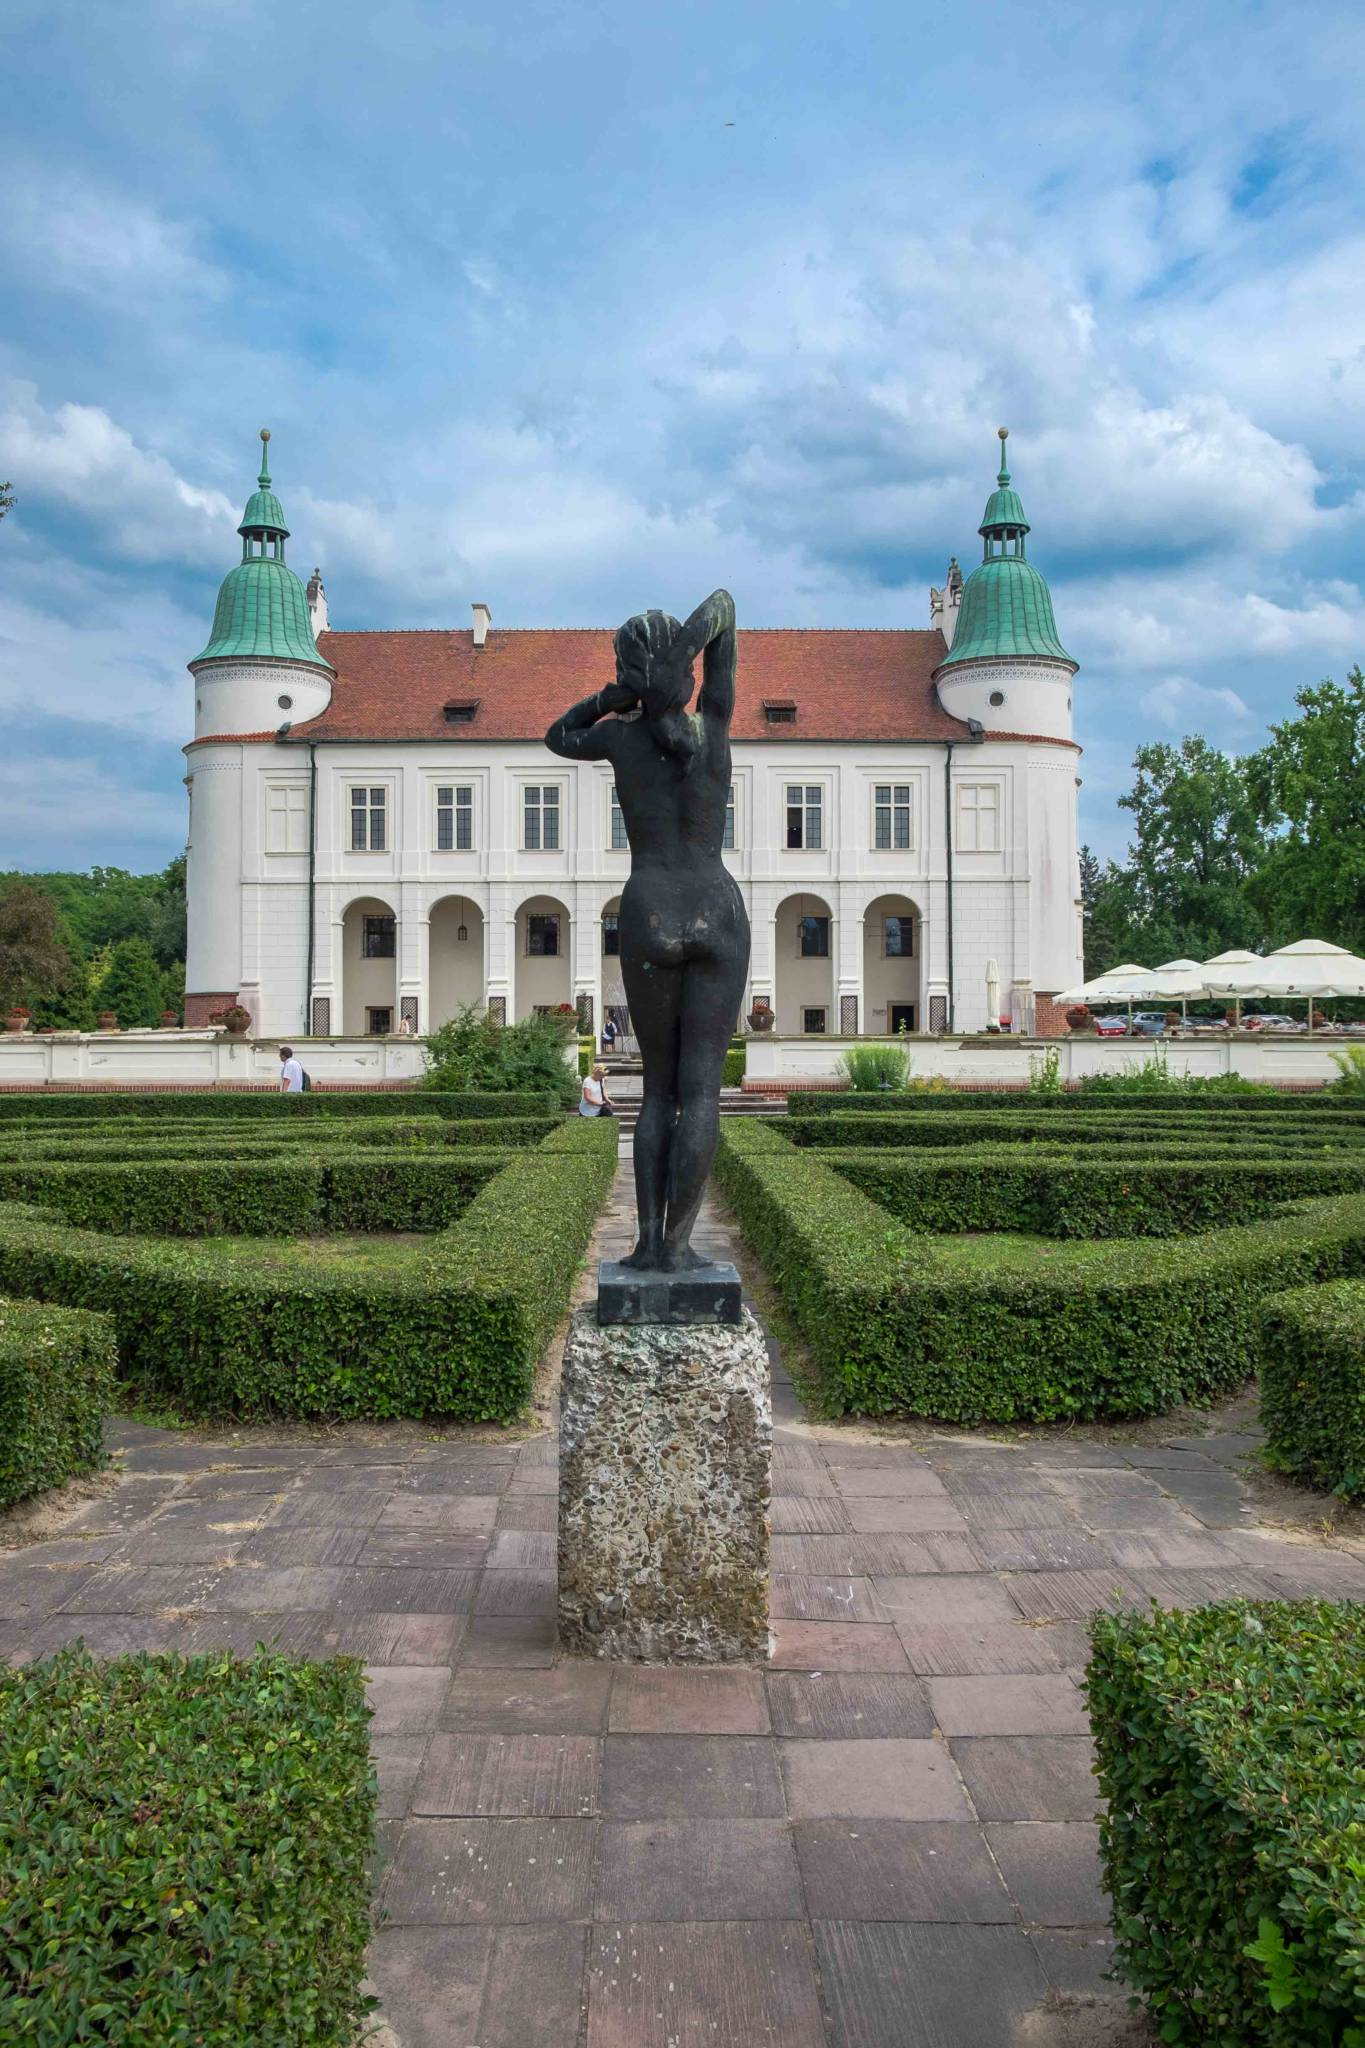 Zamek w Baranowie Sandomierskim (2)